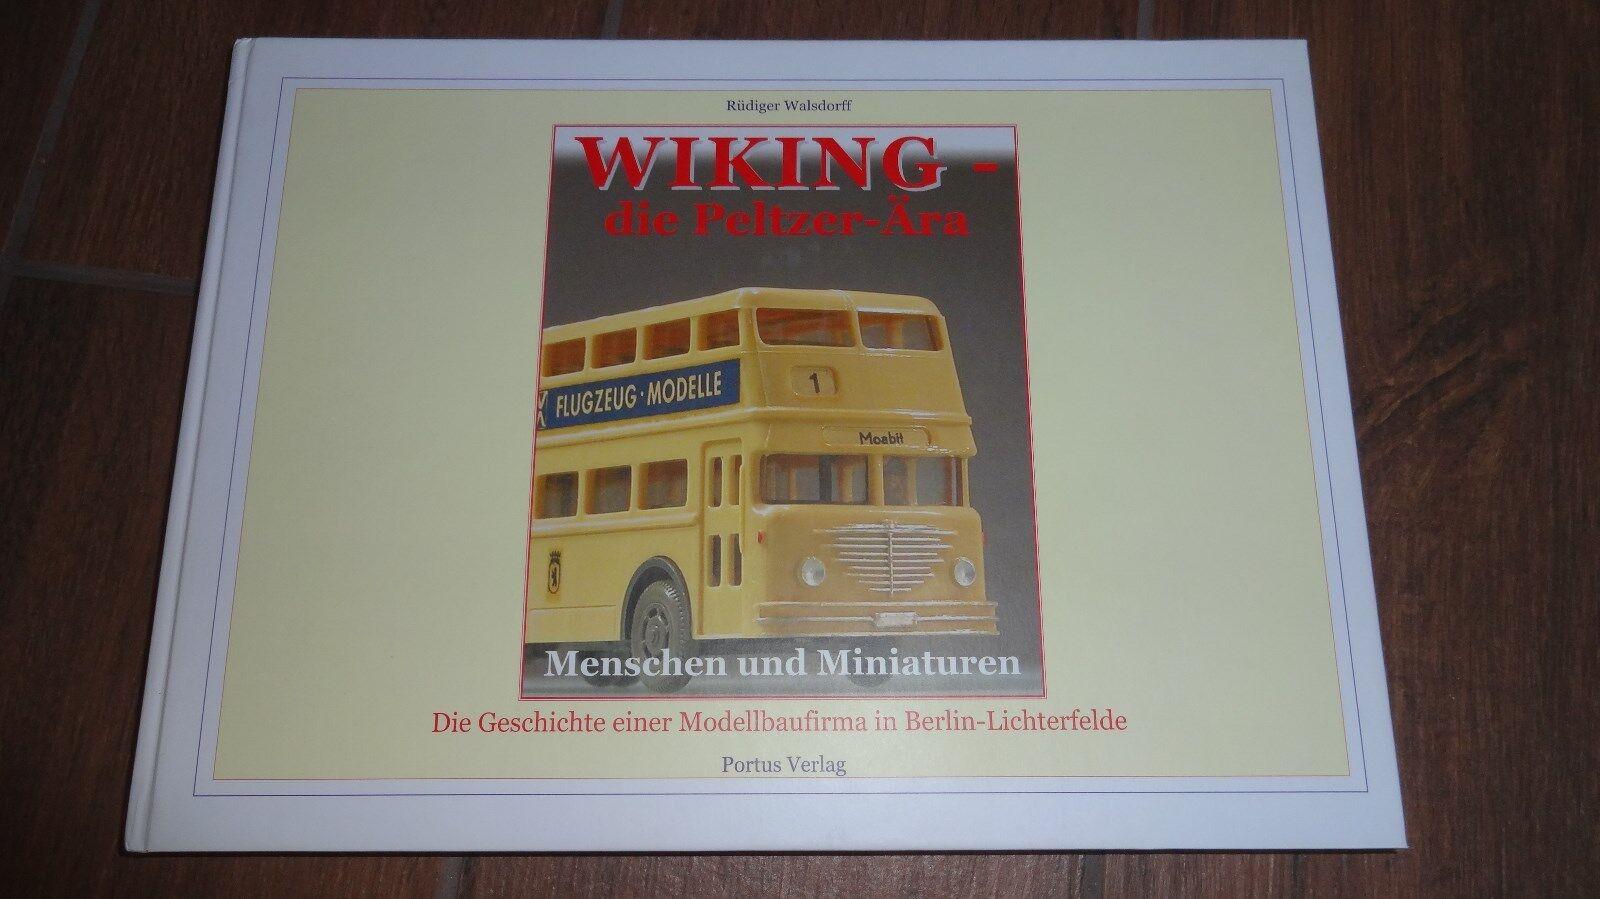 Wiking die Peltzer-Ära Menschen und Miniaturen ,ein Buch mit mit mit 332 Seiten  | Verschiedene Stile und Stile  a4f34b